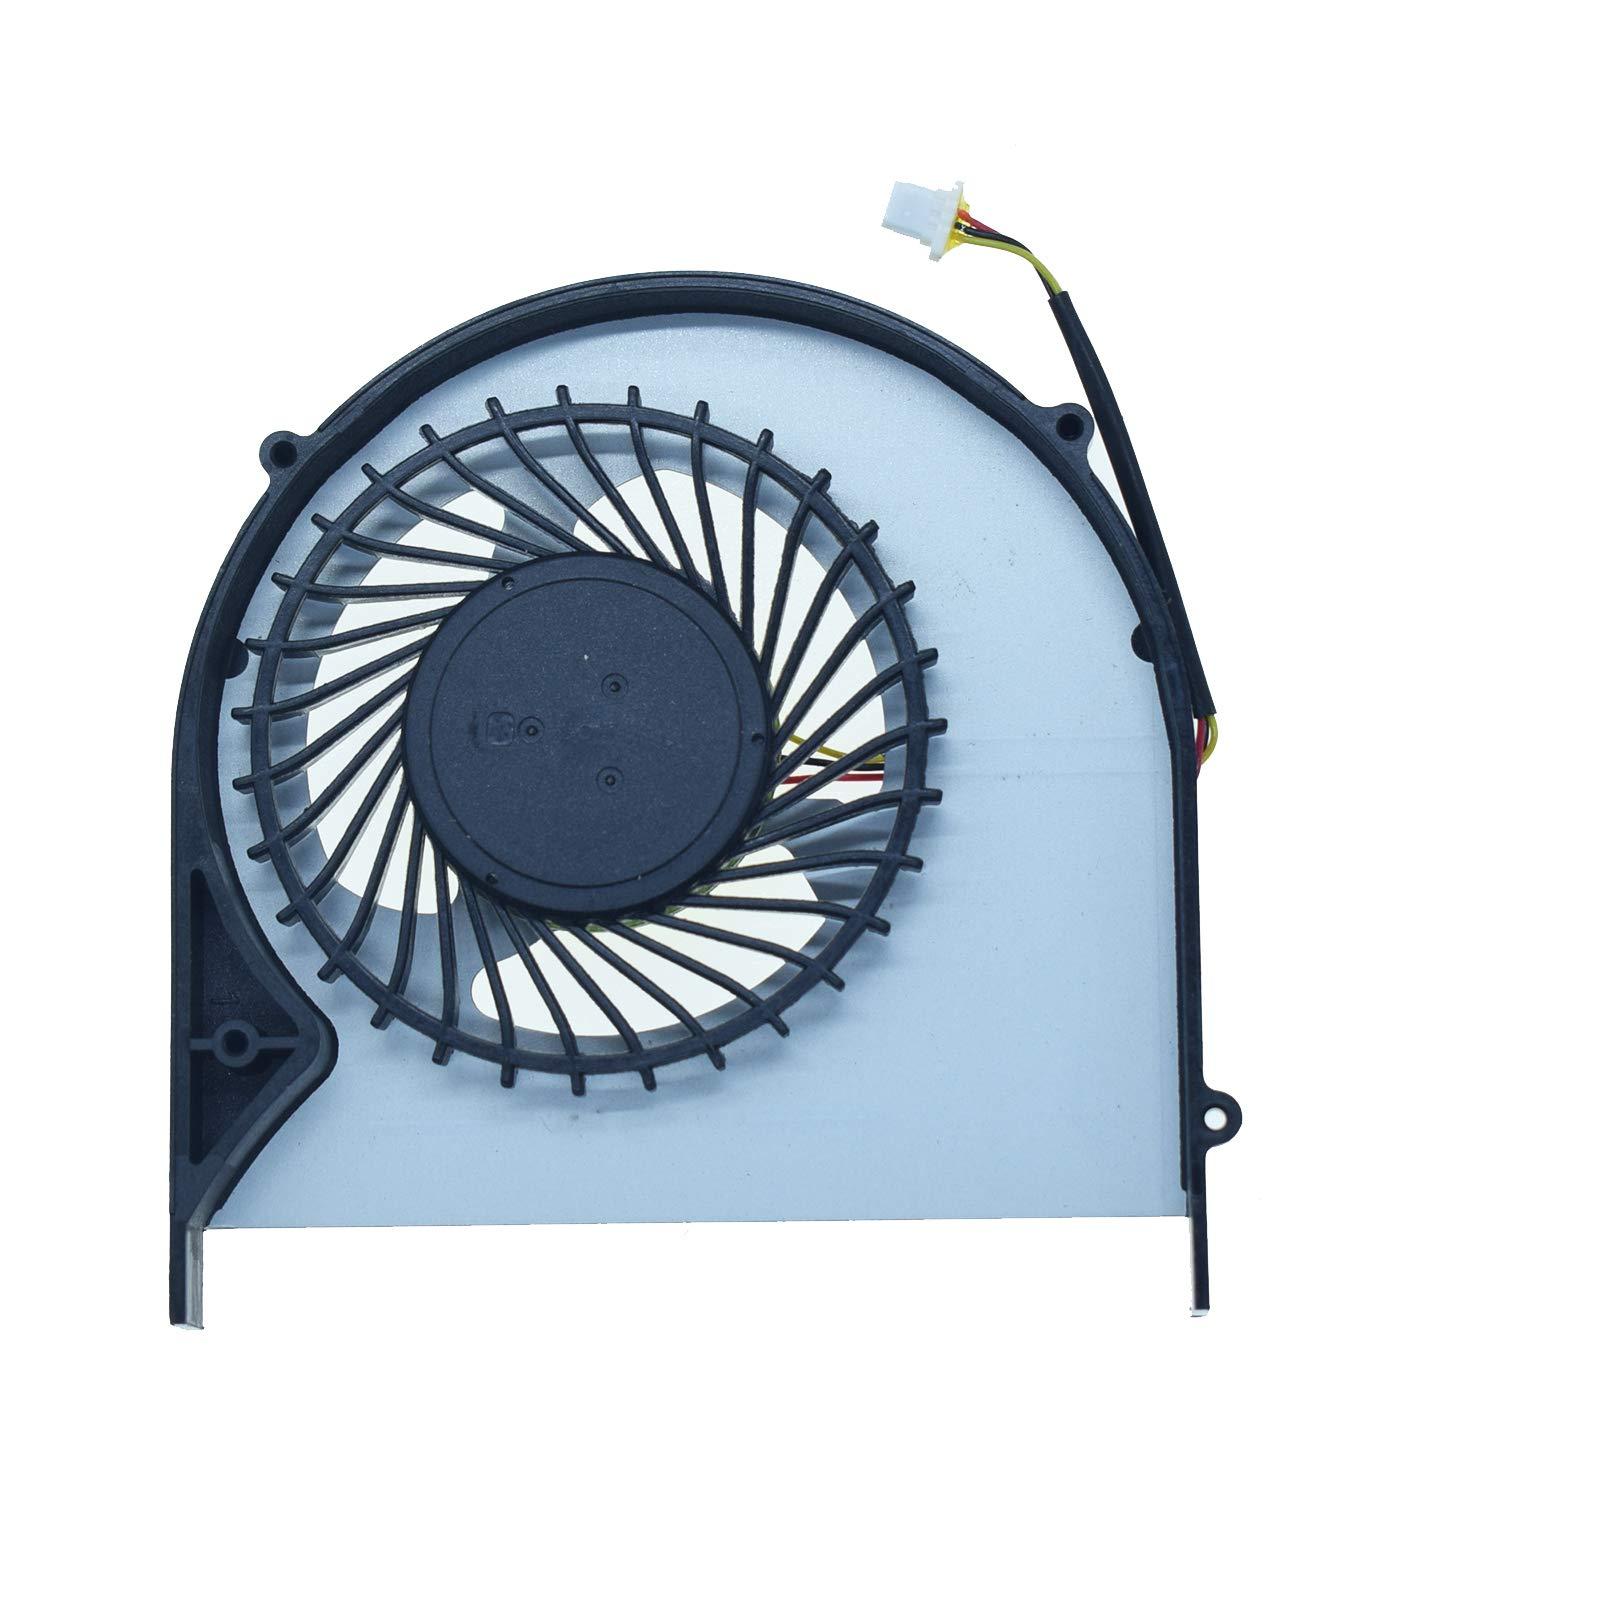 Cooler CPU para Dell Inspiron 15 7000 7537 15-7537 Serie